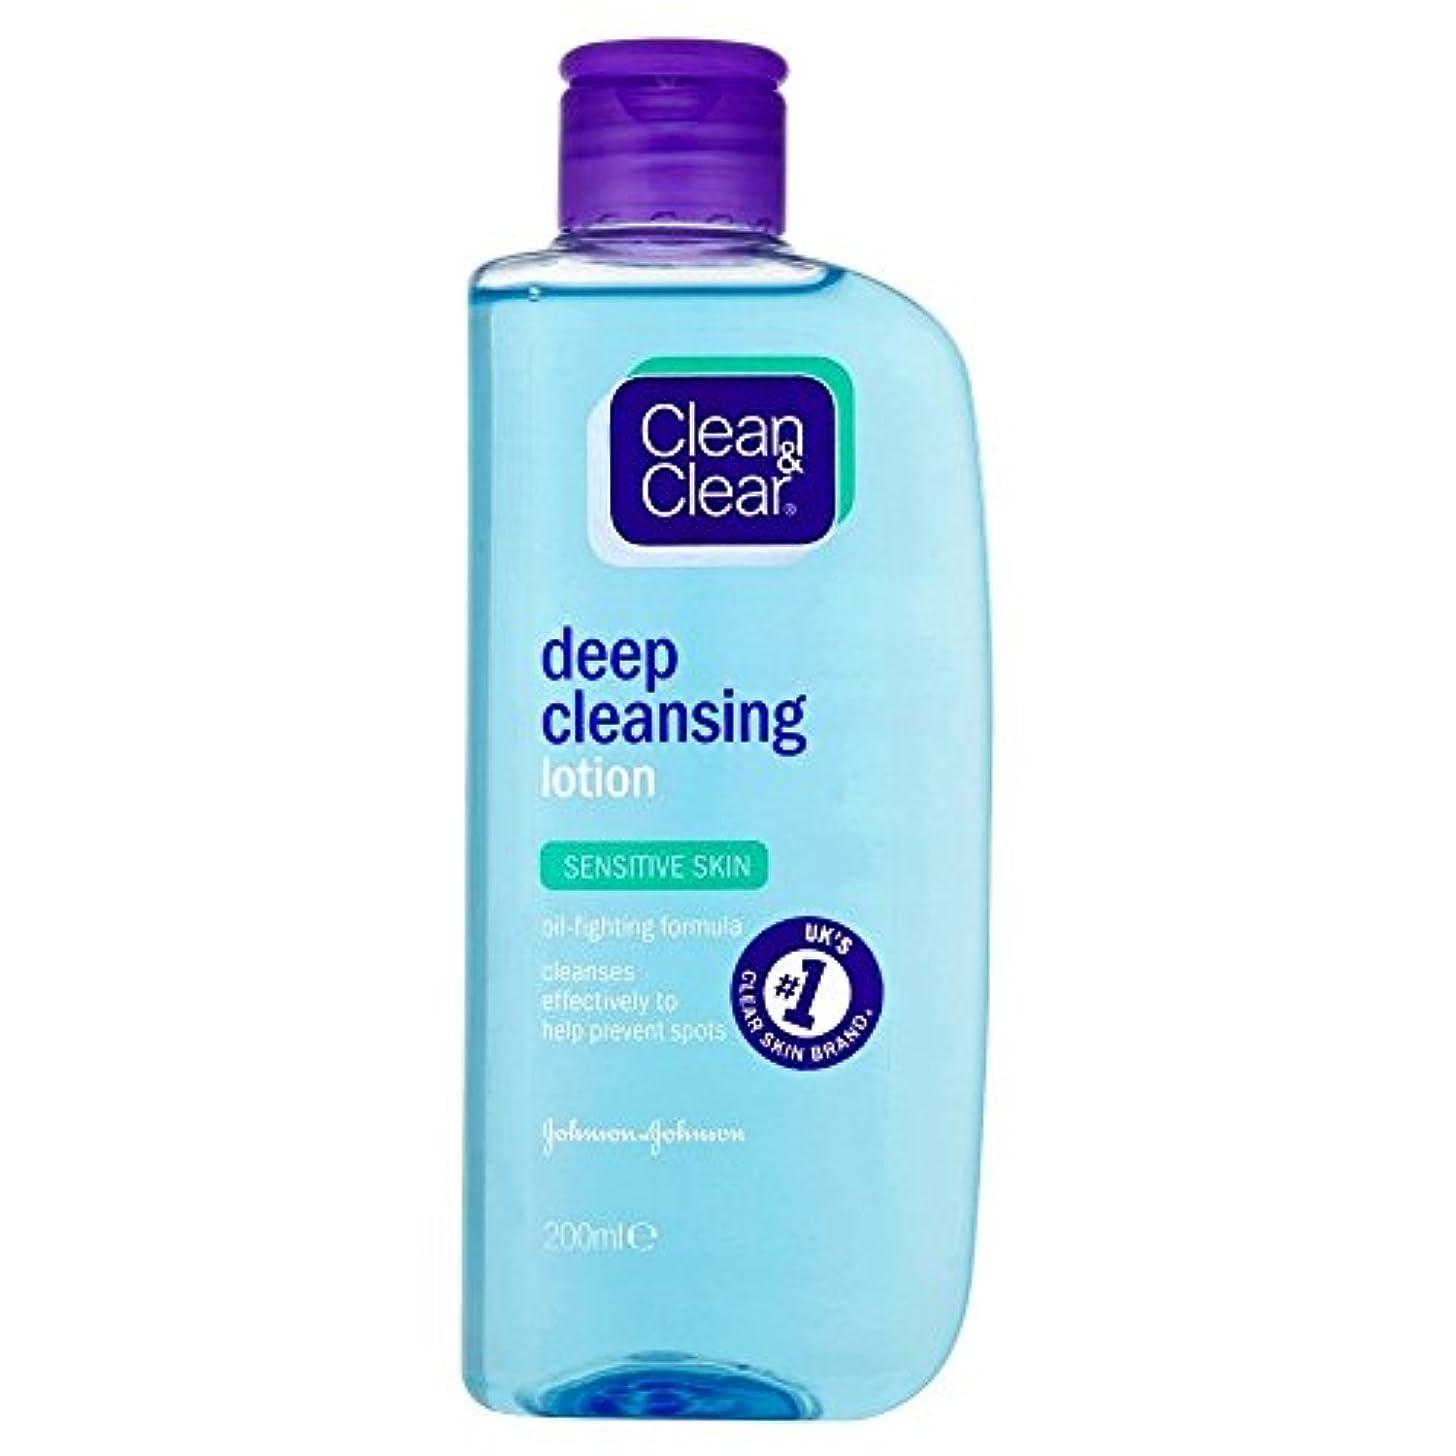 失われたシアー現像Clean & Clear Deep Cleansing Lotion - Sensitive (200ml) クリーンで明確なディープクレンジングローション - 感受性( 200ミリリットル) [並行輸入品]